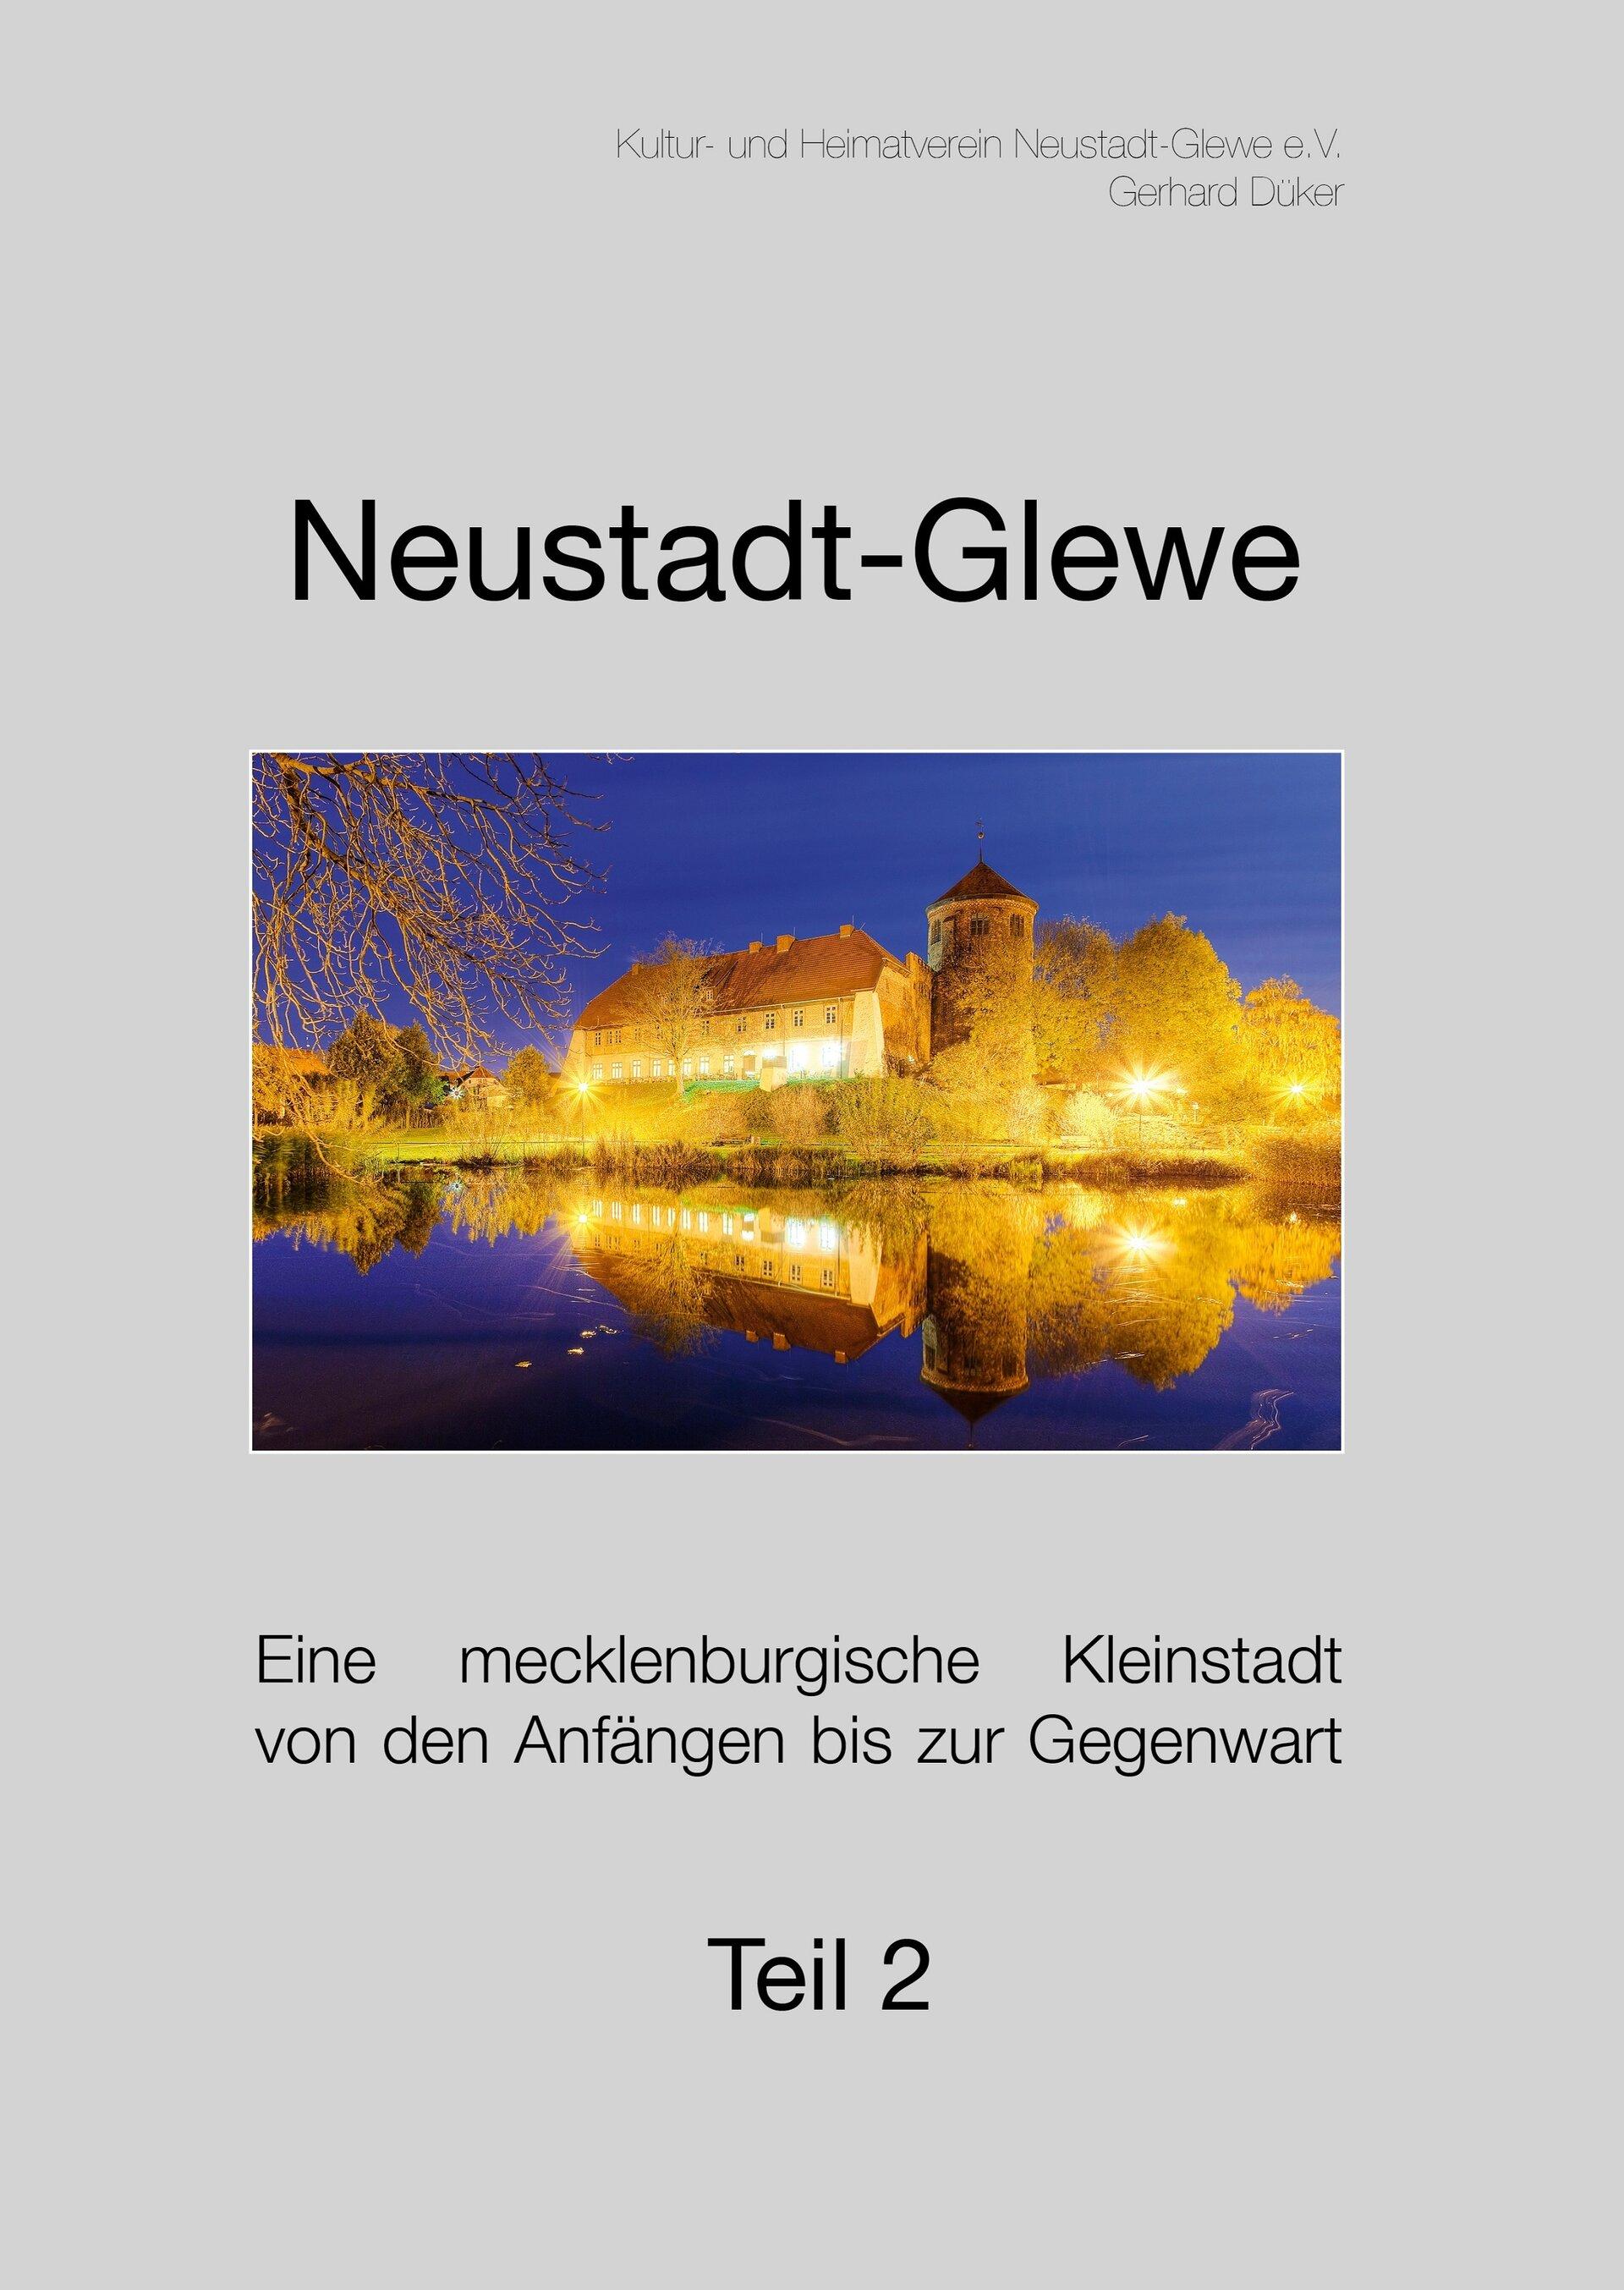 Neustadt-Glewe, Teil 2